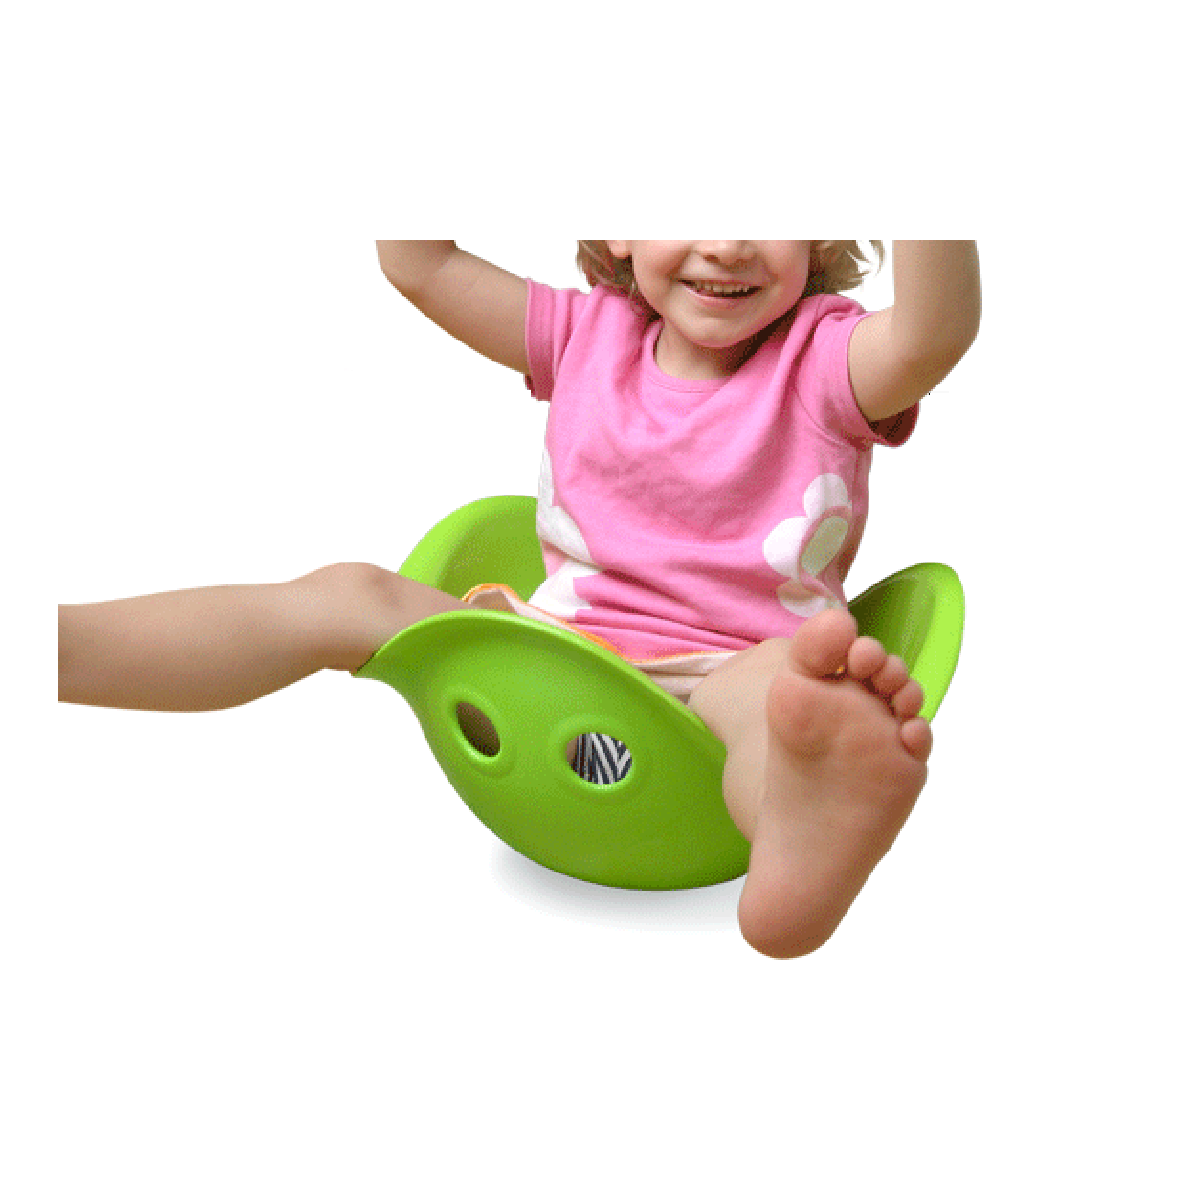 Bilibo le jouet pour développer l'imagination des enfants